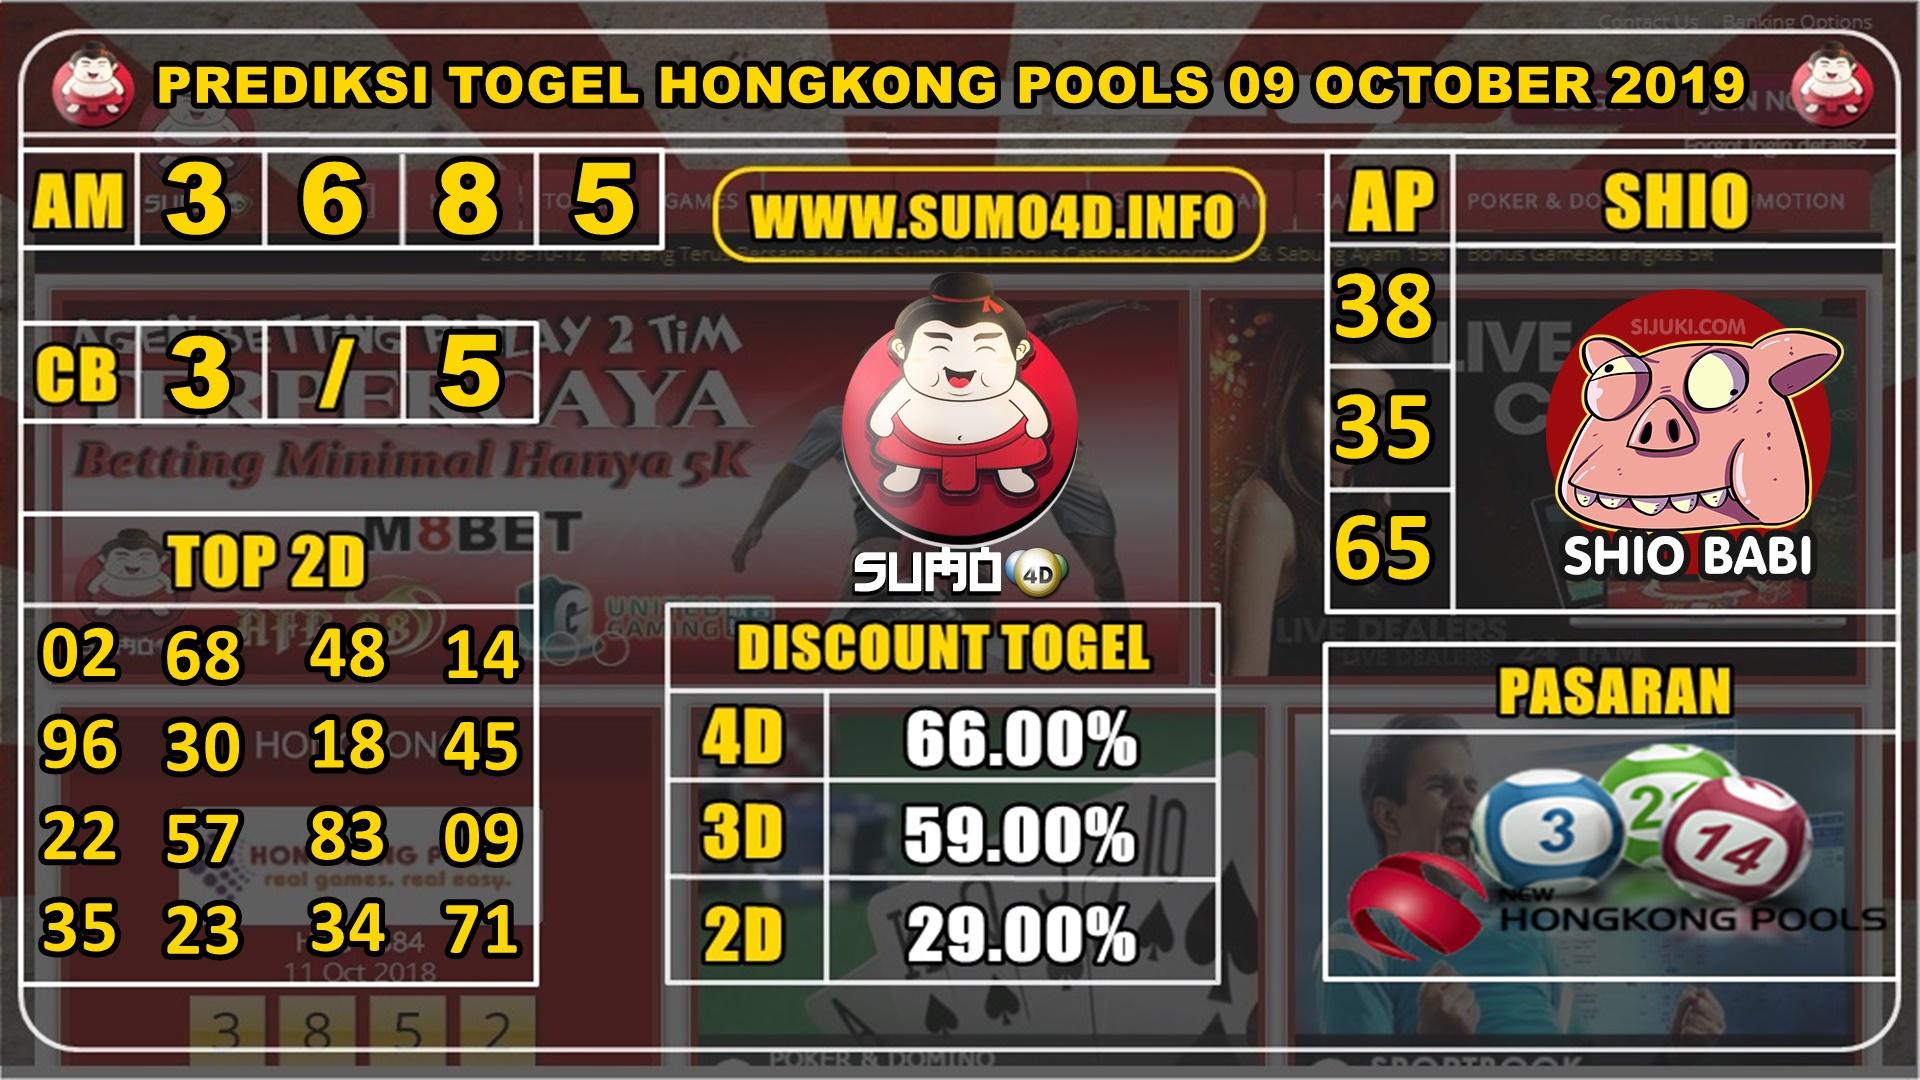 PREDIKSI TOGEL HONGKONG POOLS 09 OKTOBER 2019